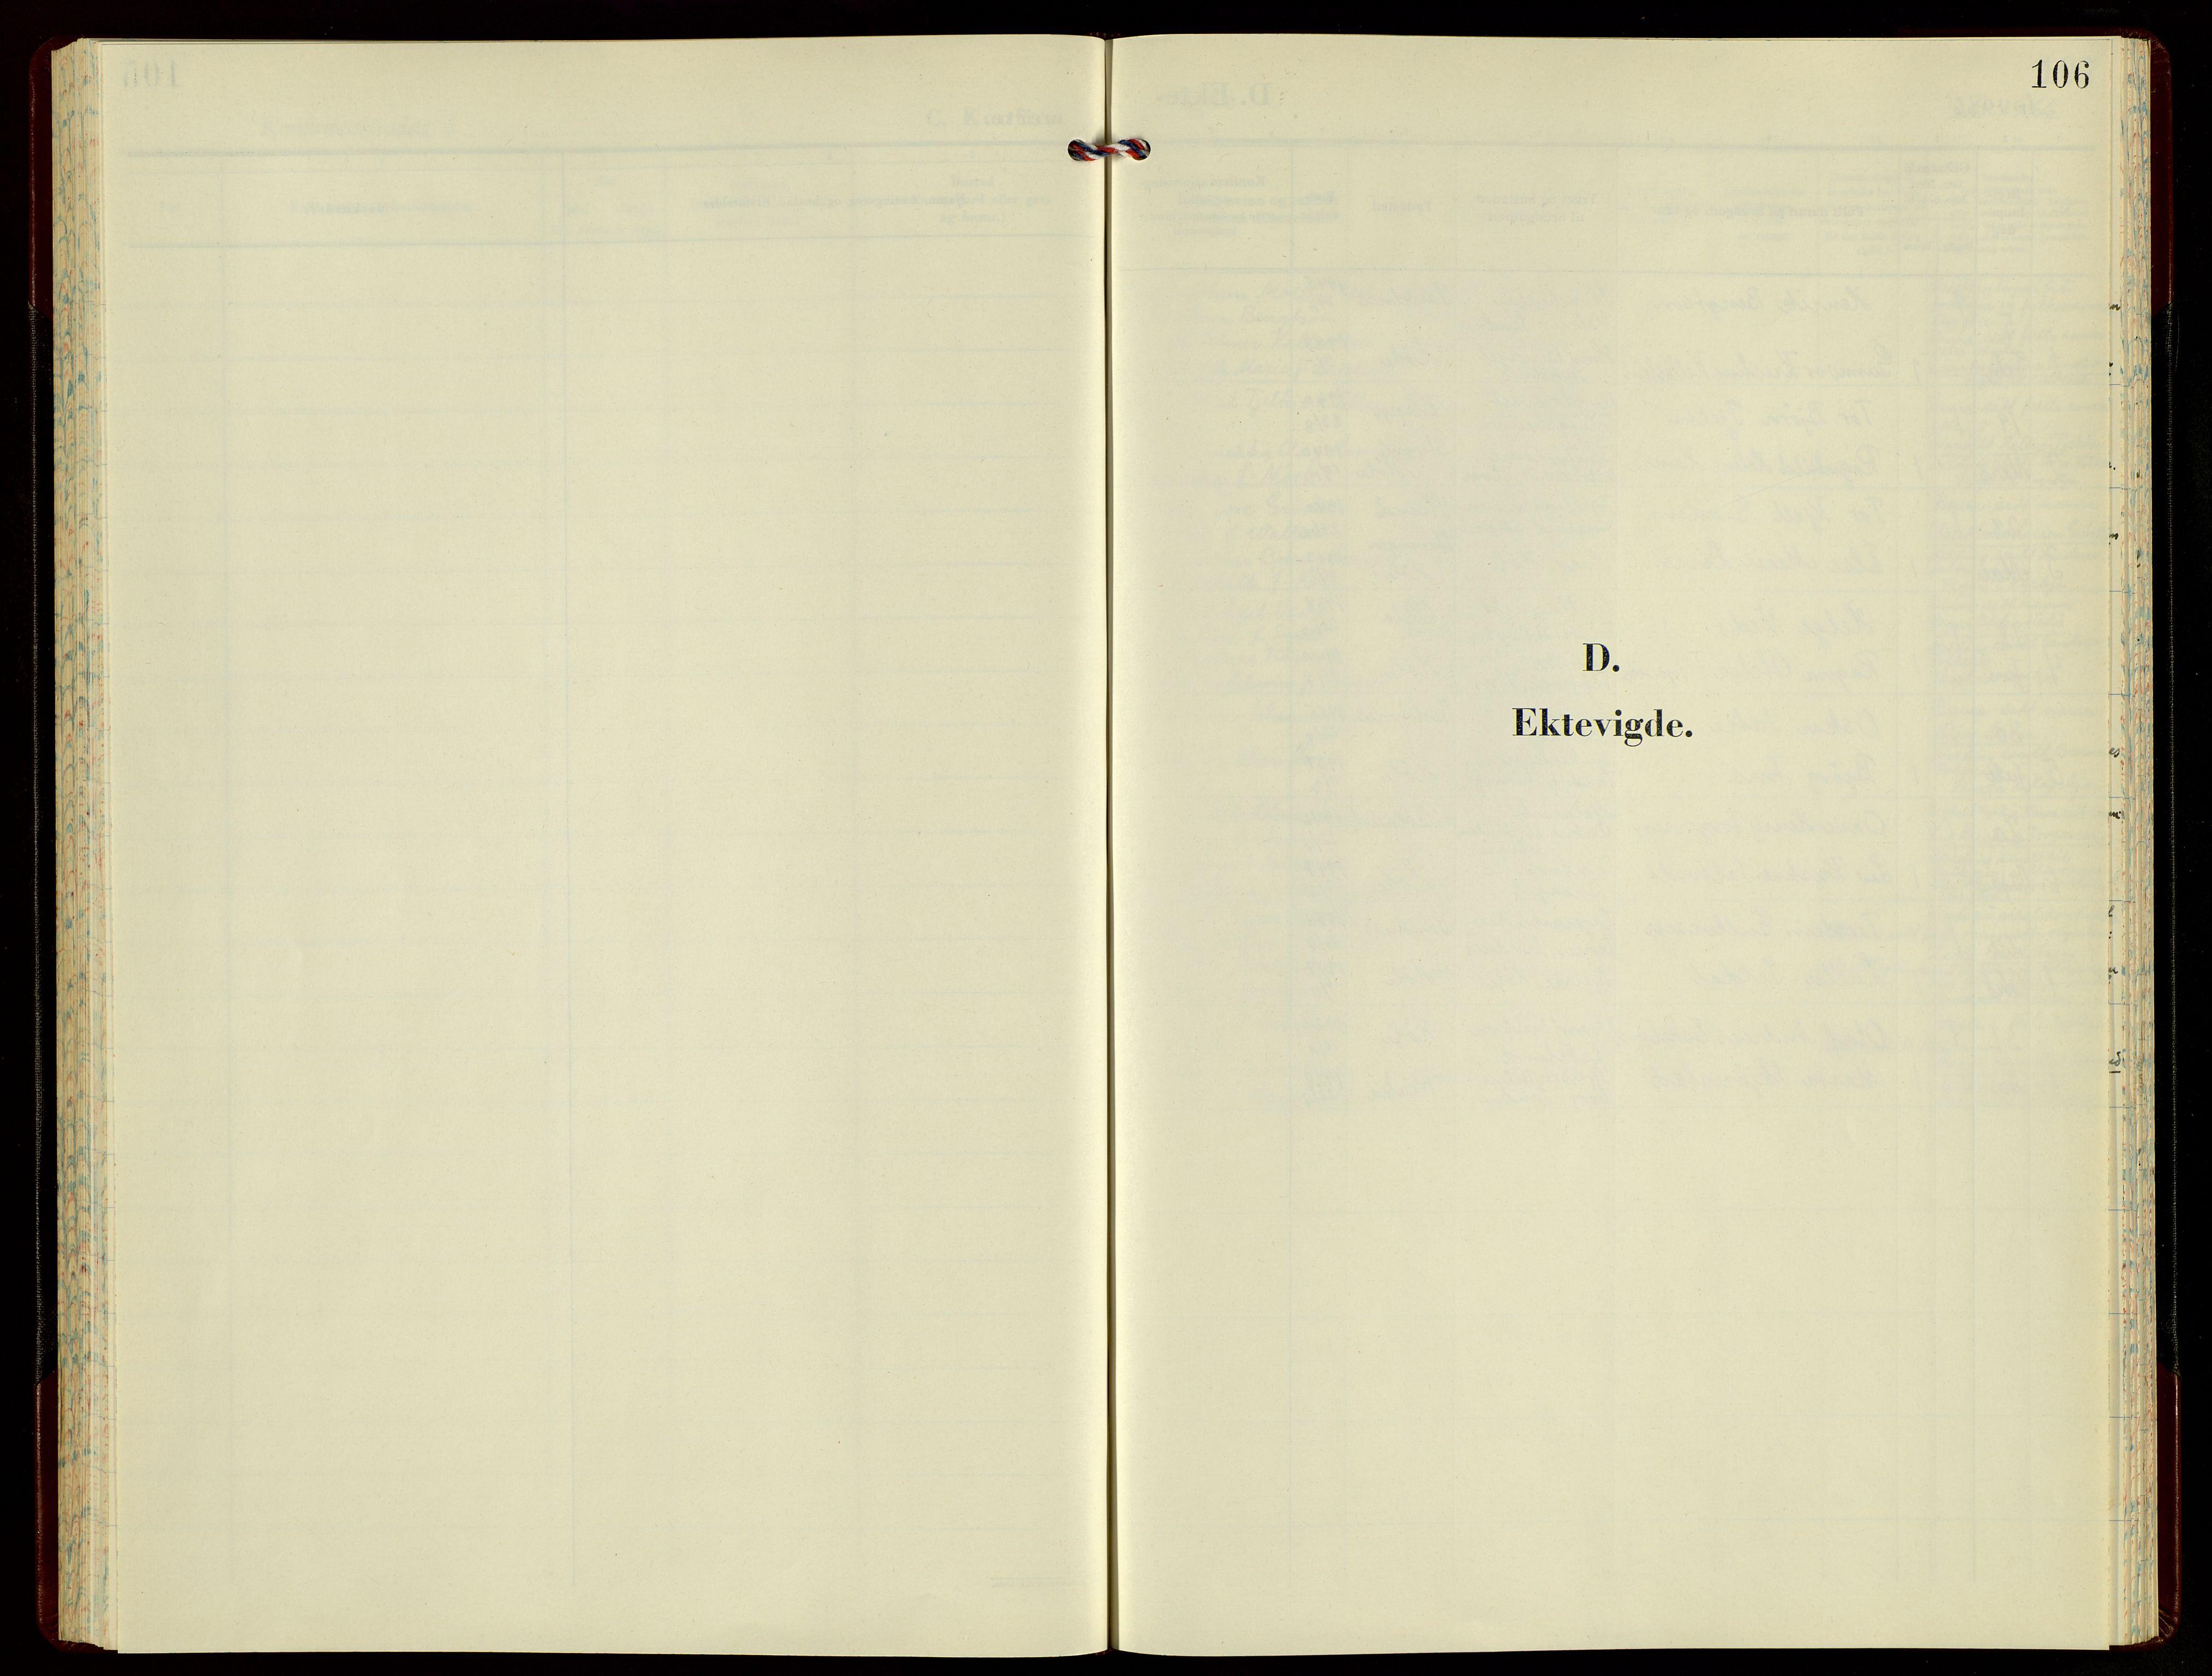 SAST, Høgsfjord sokneprestkontor, H/Ha/Hab/L0008: Klokkerbok nr. B 8, 1966-1979, s. 106